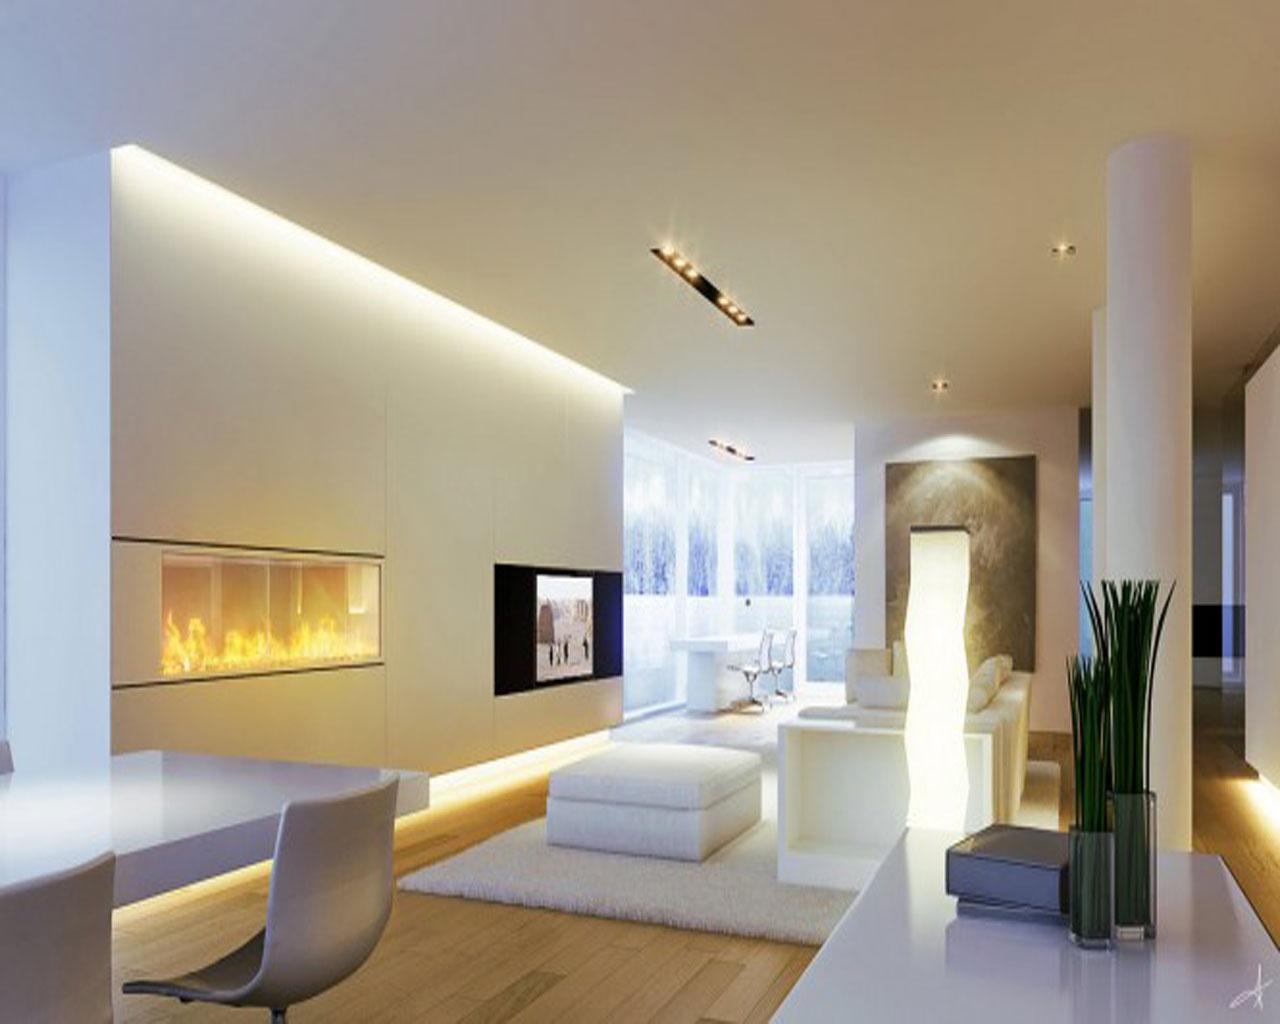 Гипсокартонный потолок с подсветкой Decor 4 House 777